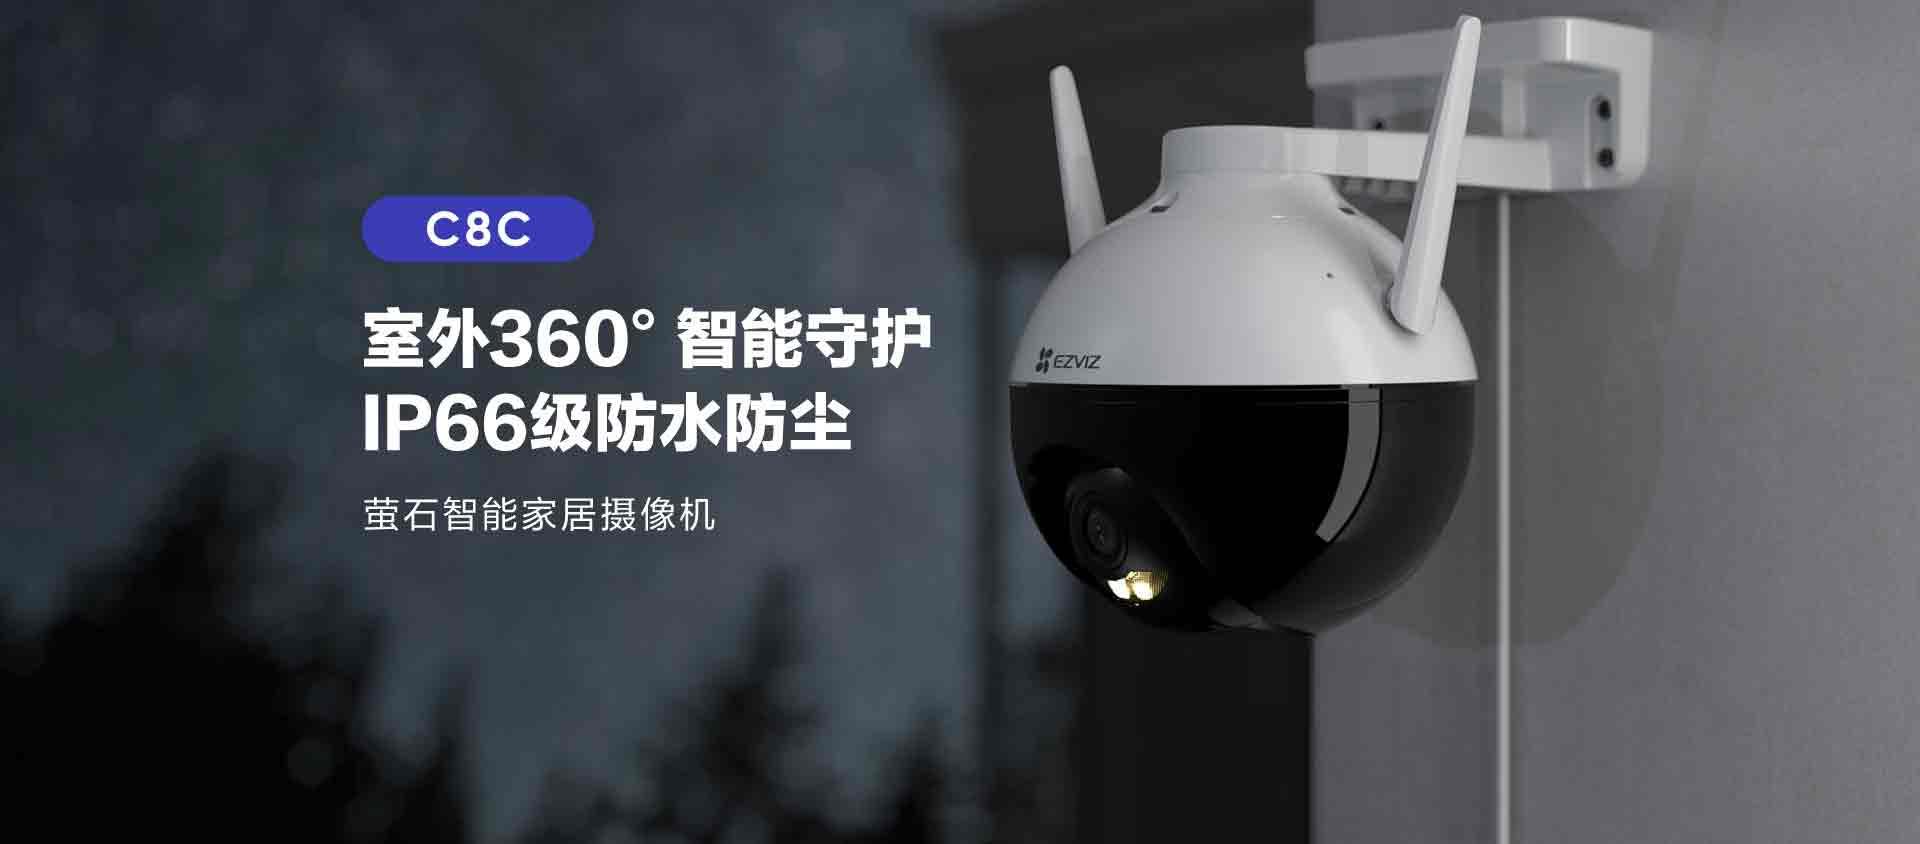 新品丨萤石首款室外全彩云台机C8C惊艳登场,360°智能守护!